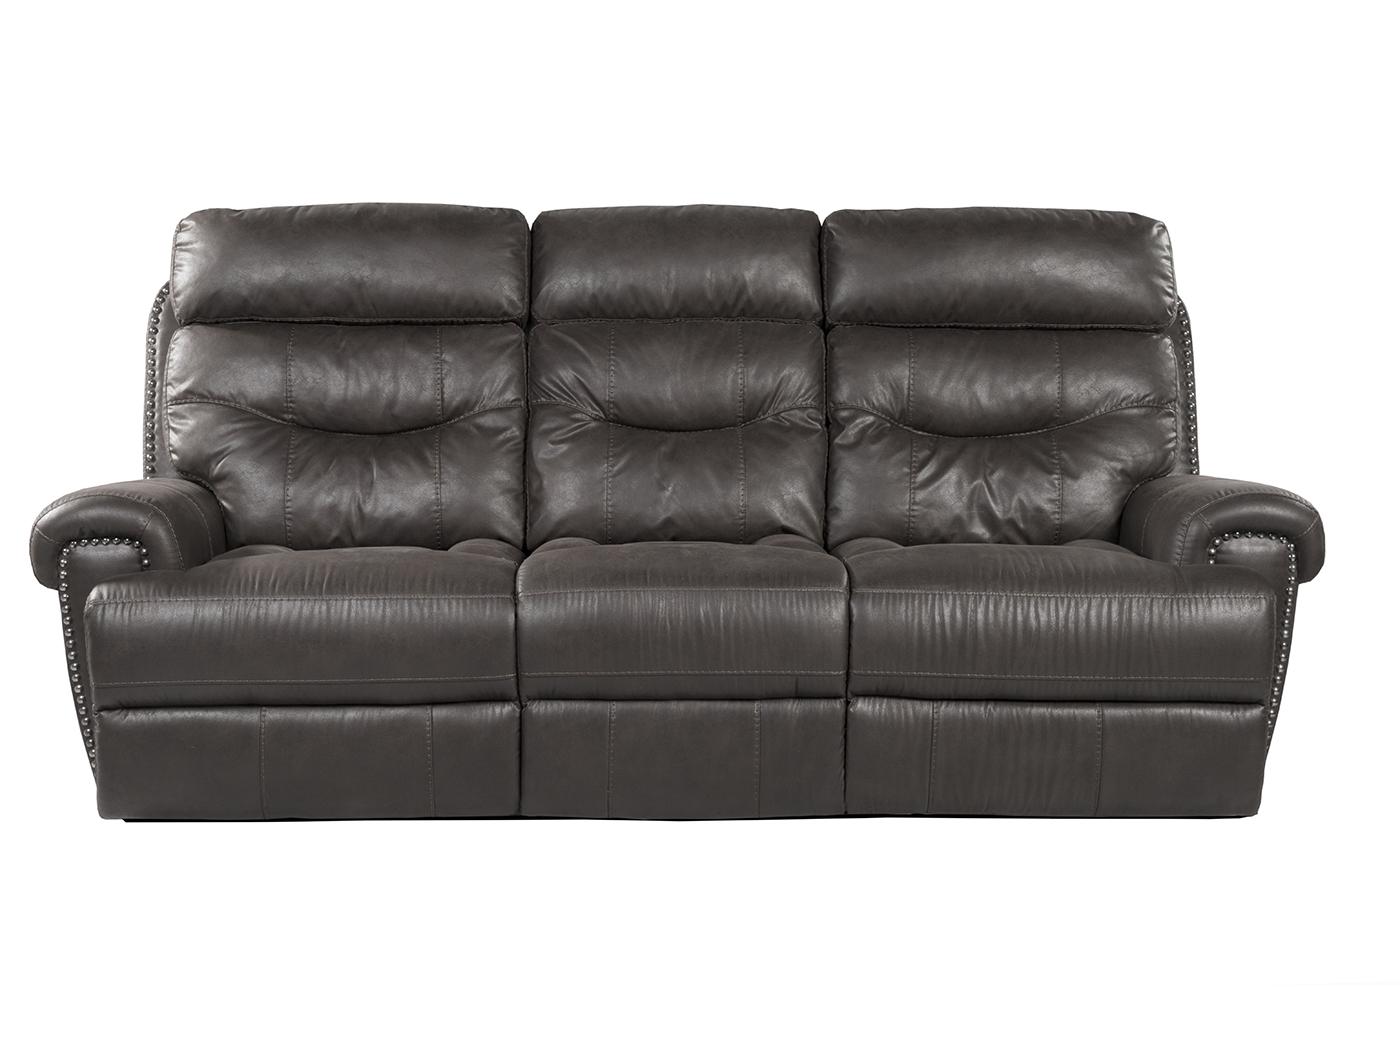 Regal Recline Sofa